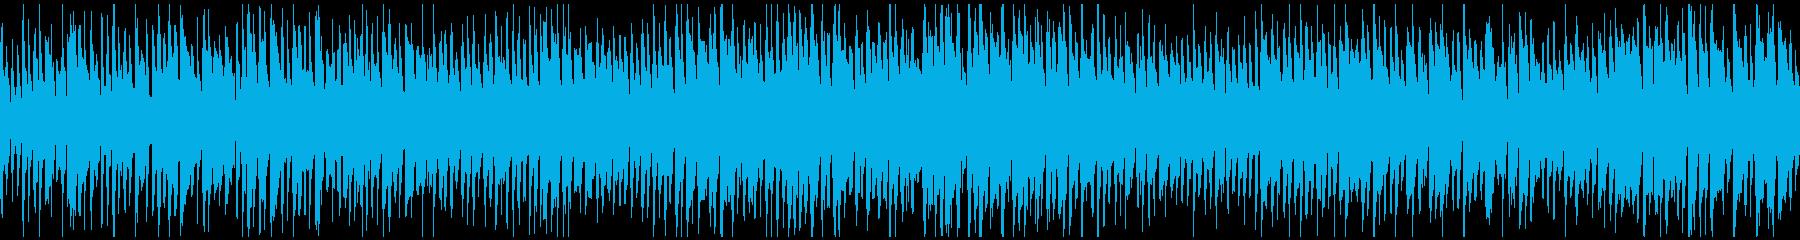 バラエティ系の軽快なリコーダー※ループ版の再生済みの波形